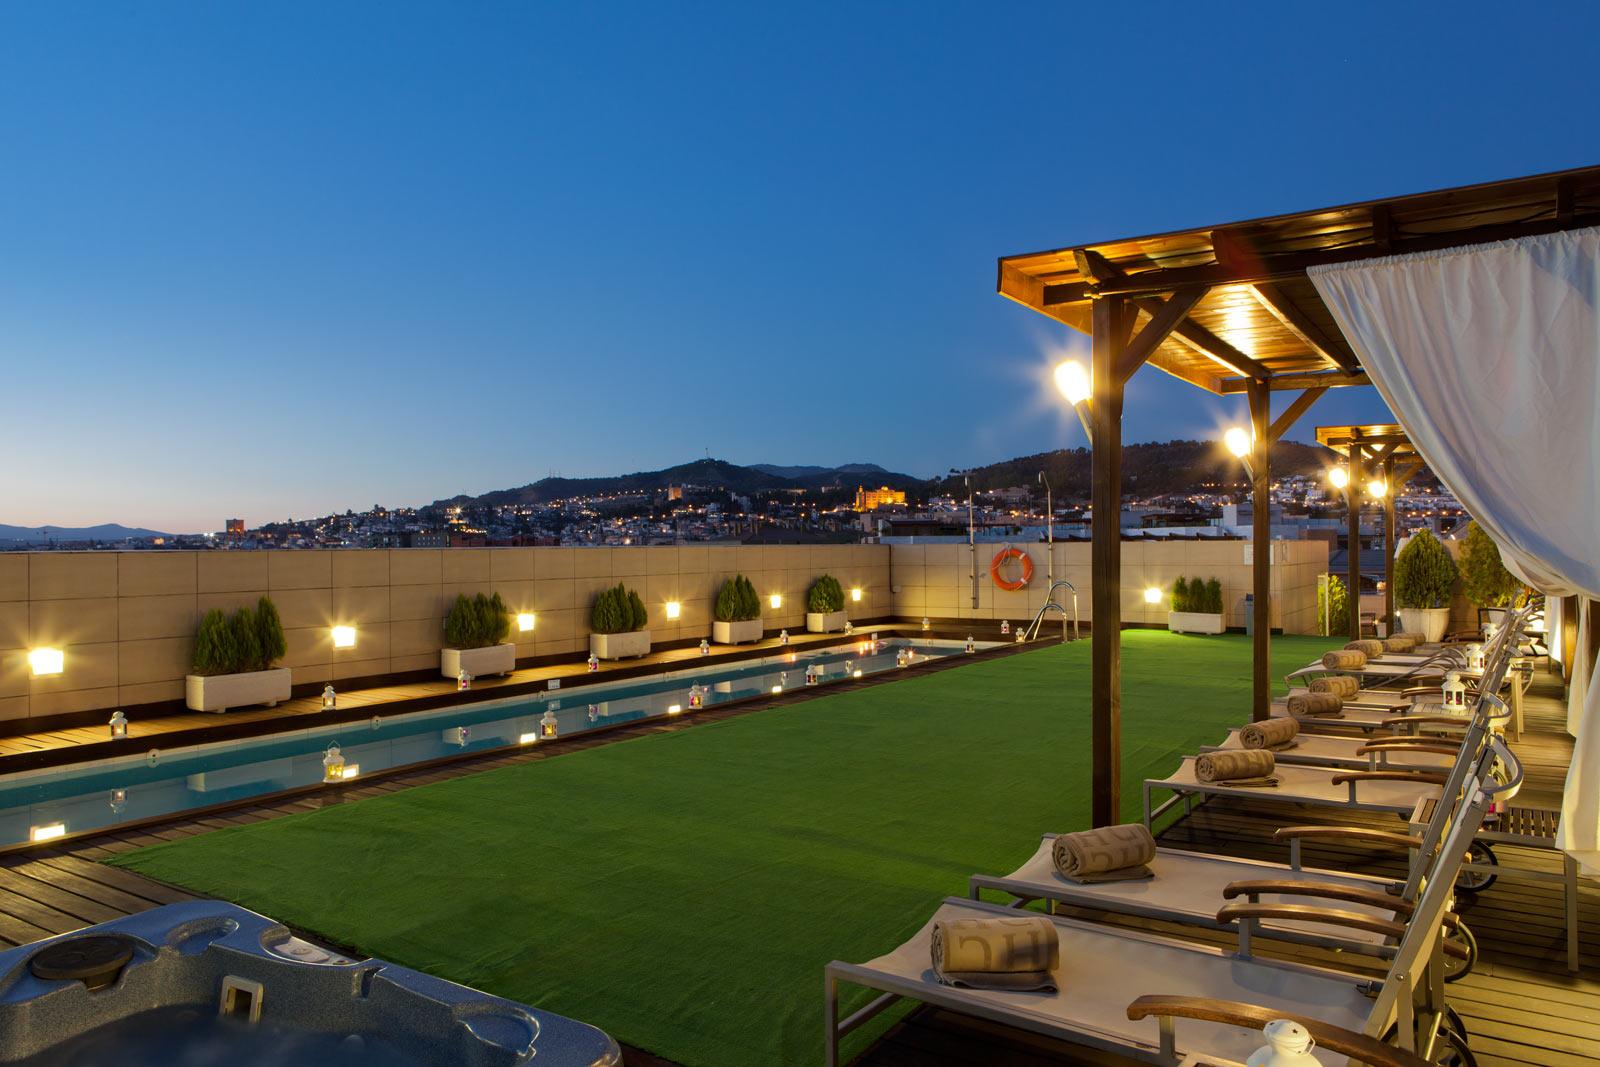 Andalucía añade más de 9.500 viviendas turísticas a su planta hotelera